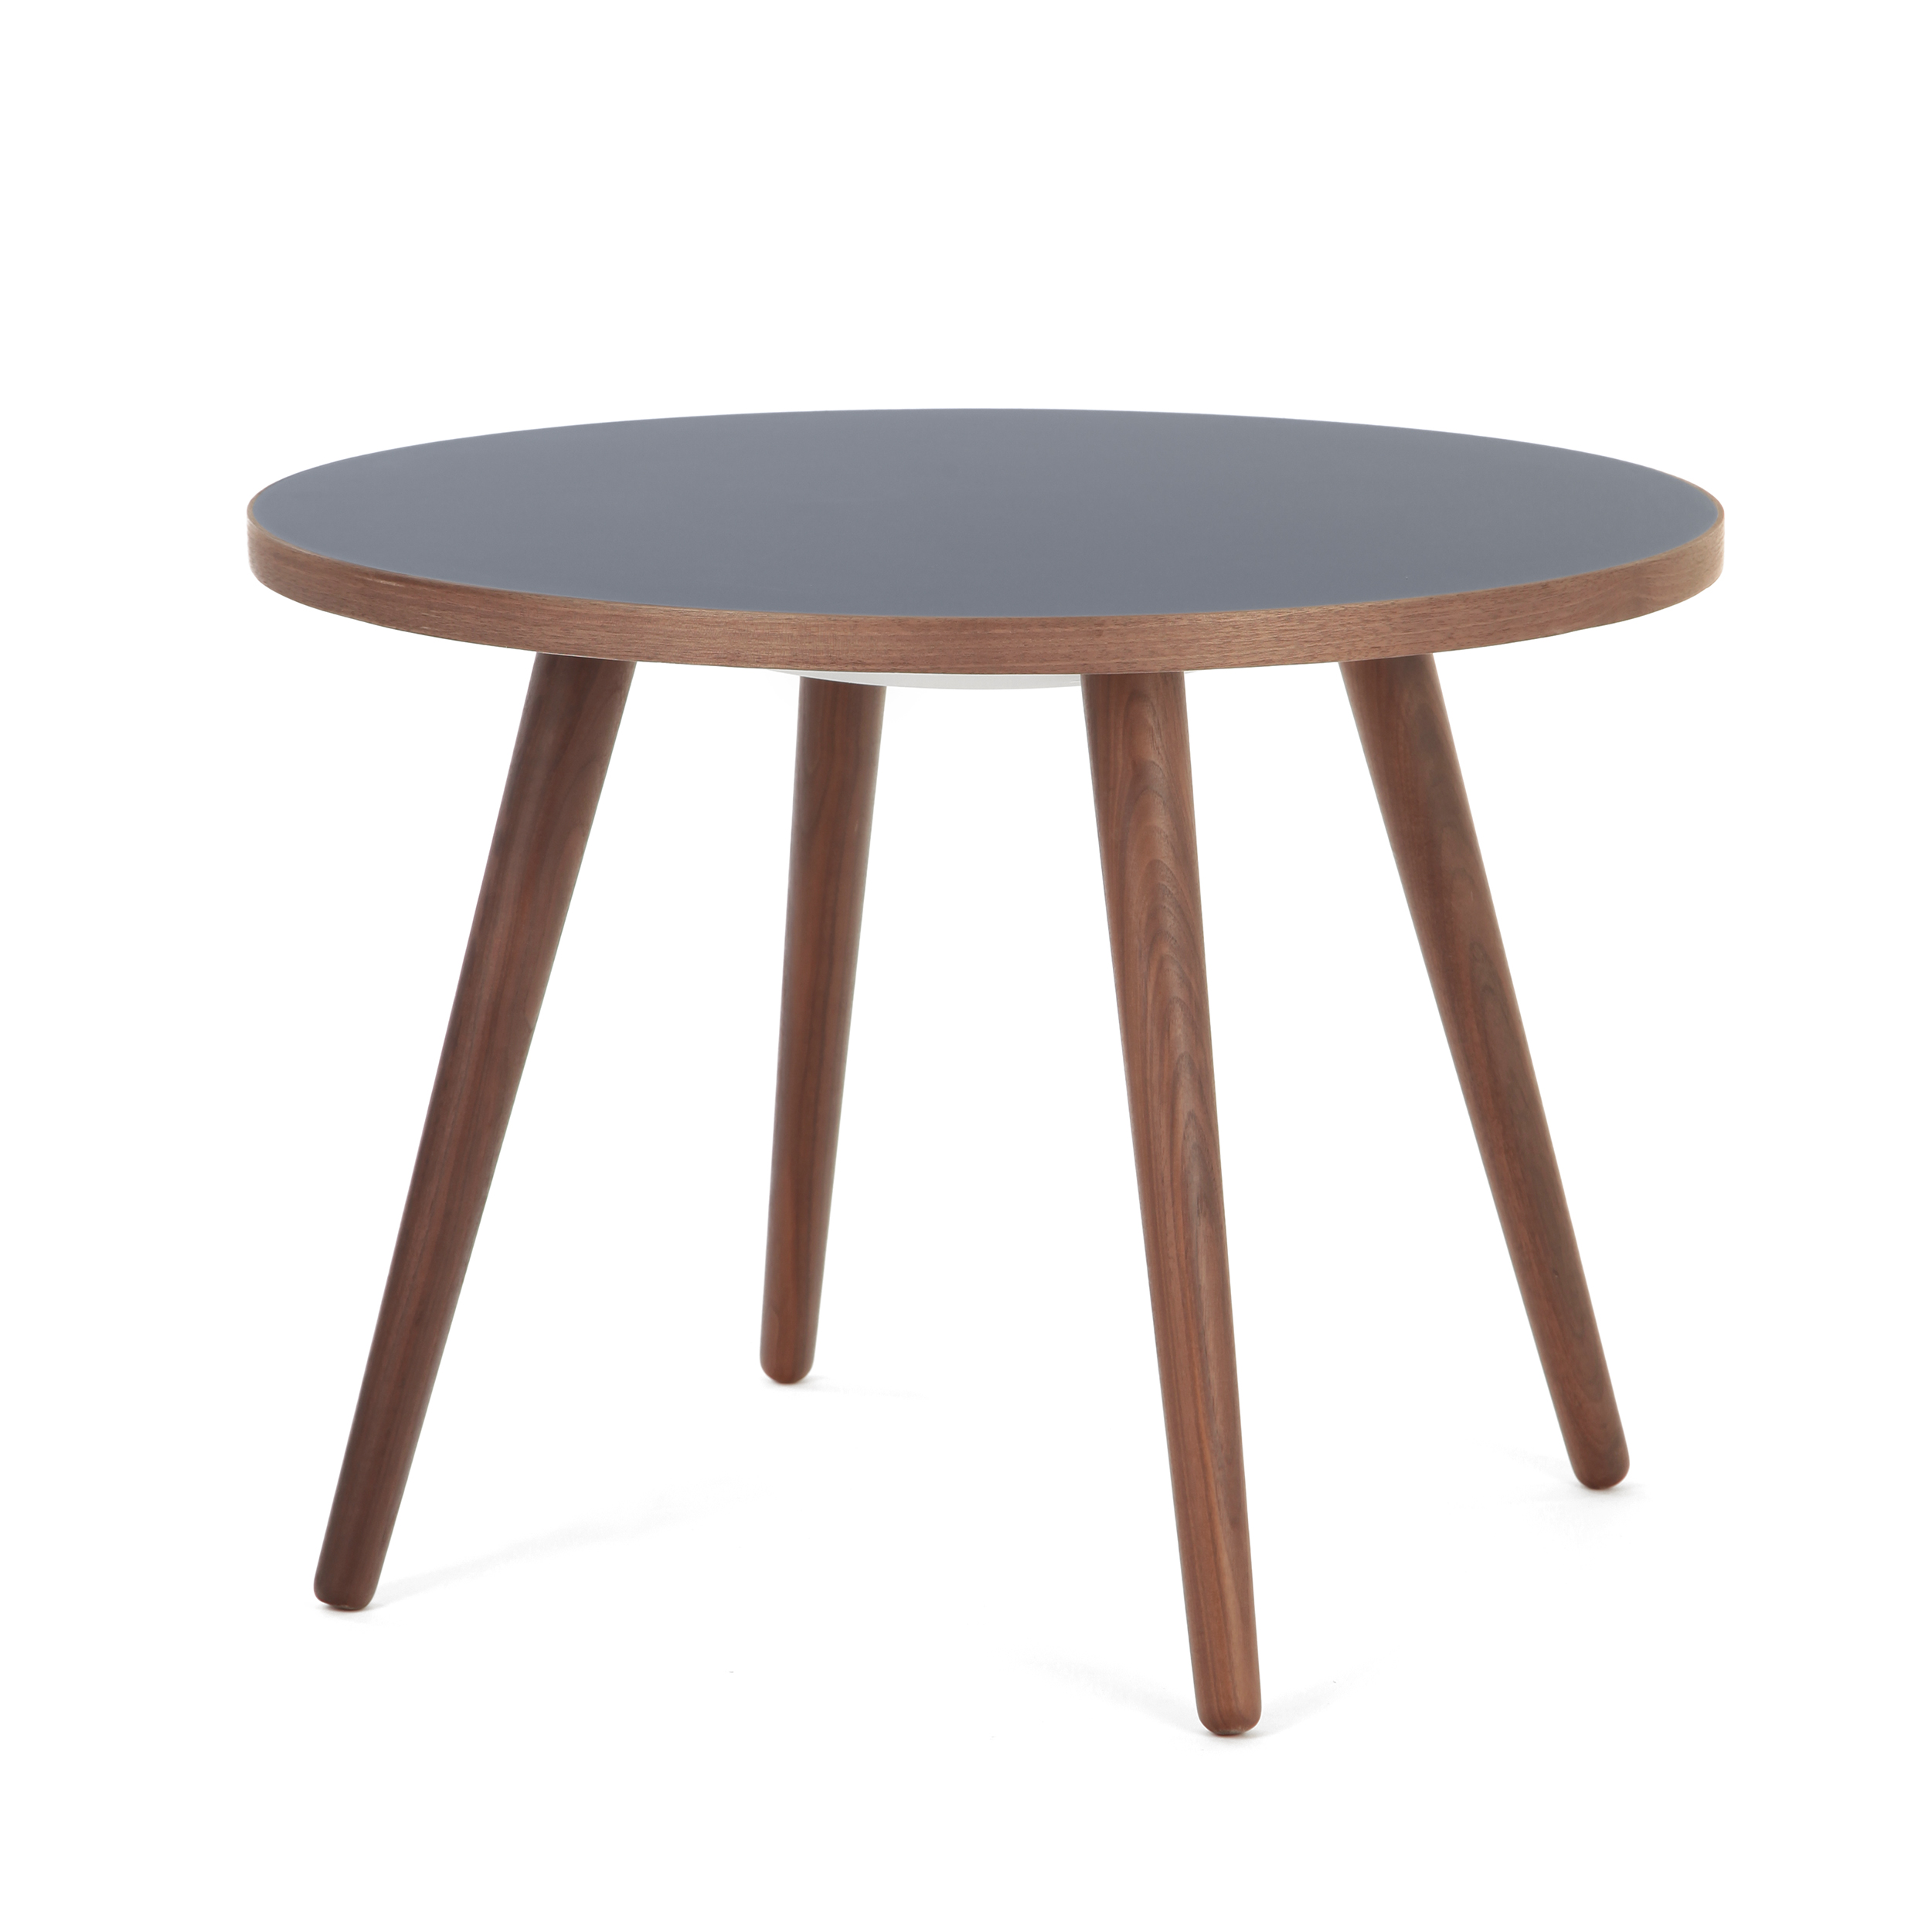 Кофейный стол Sputnik высота 55 диаметр 75Кофейные столики<br>Дизайнерский кофейный стол Sputnik (Спутник) высота 55 диаметр 75 из дерева на черырех ножках от Cosmo (Космо).<br><br><br> Простые и чистые линии, интегрированные в ваш интерьер. Классическая столешница в форме круга добавляет красоты и изящества этому столу, который сочетается с разнообразными вариантами интерьерных стилей и может быть использован как в домах, так и офисах. Четыре ножки от стола вкручиваются в столешницу без специальных инструментов.<br><br><br> Оригинальный кофейный стол Sputnik вы...<br><br>stock: 0<br>Высота: 55<br>Диаметр: 75<br>Цвет ножек: Орех американский<br>Цвет столешницы: Синий<br>Материал ножек: Массив ореха<br>Тип материала столешницы: Пластик<br>Тип материала ножек: Дерево